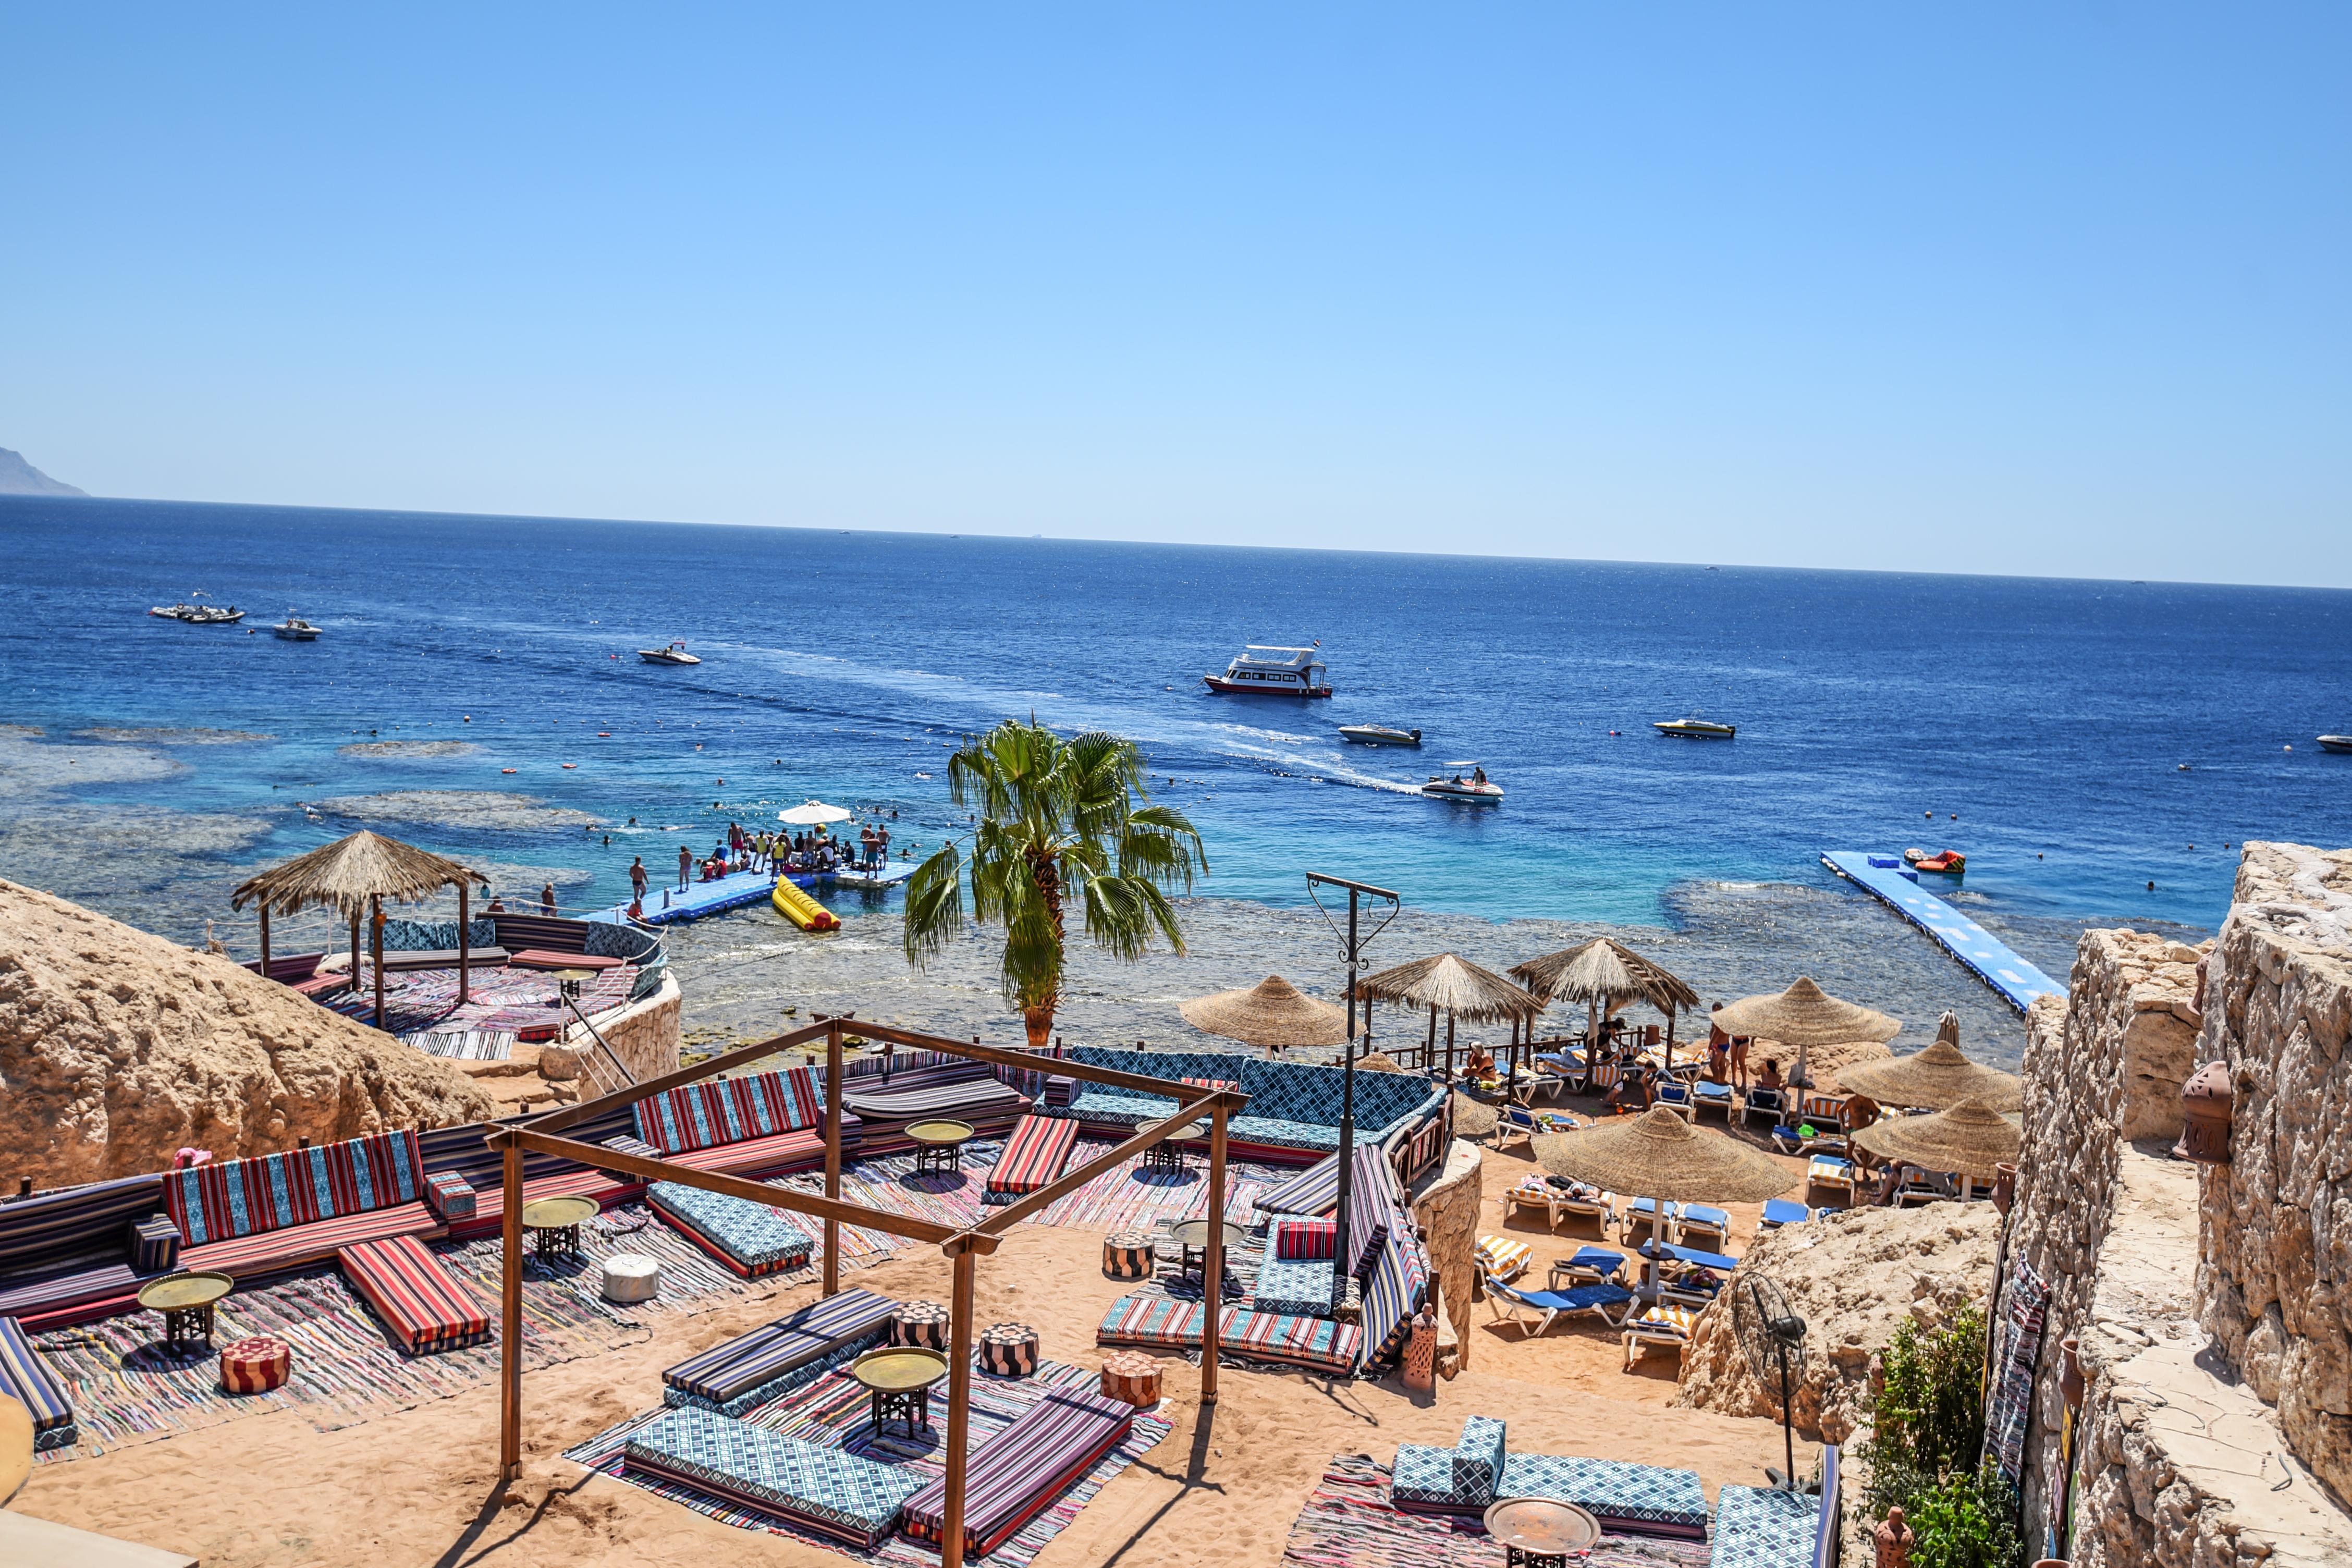 Hotel Dreams Beach Resort Sharm El Sheikh